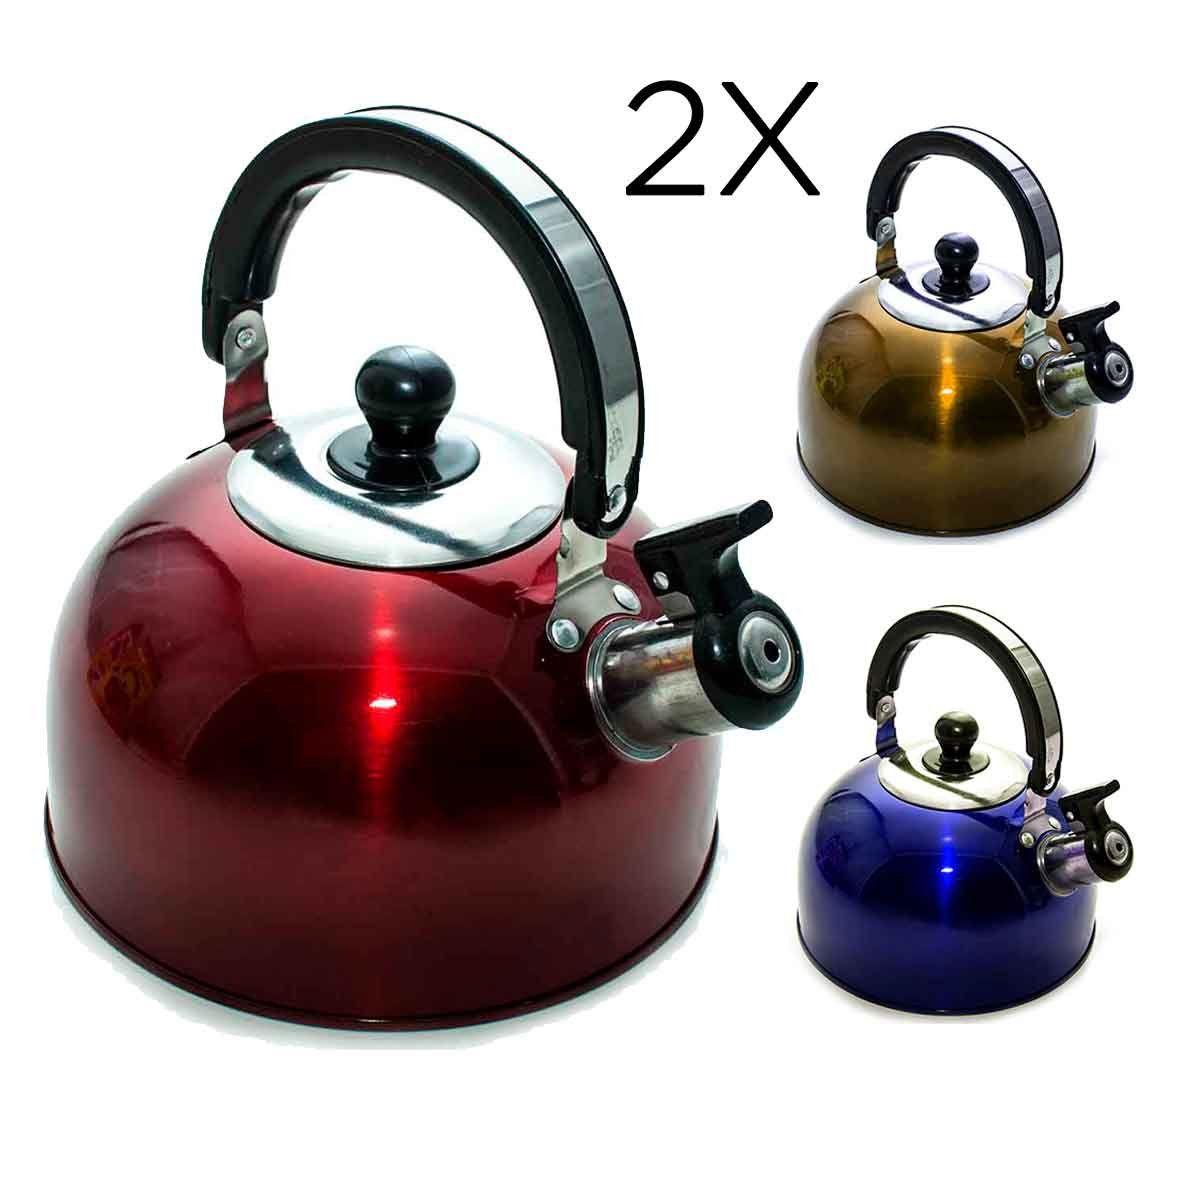 2x Chaleira Aço Inox 2 Litros Com Apito Alça Cozinha Água